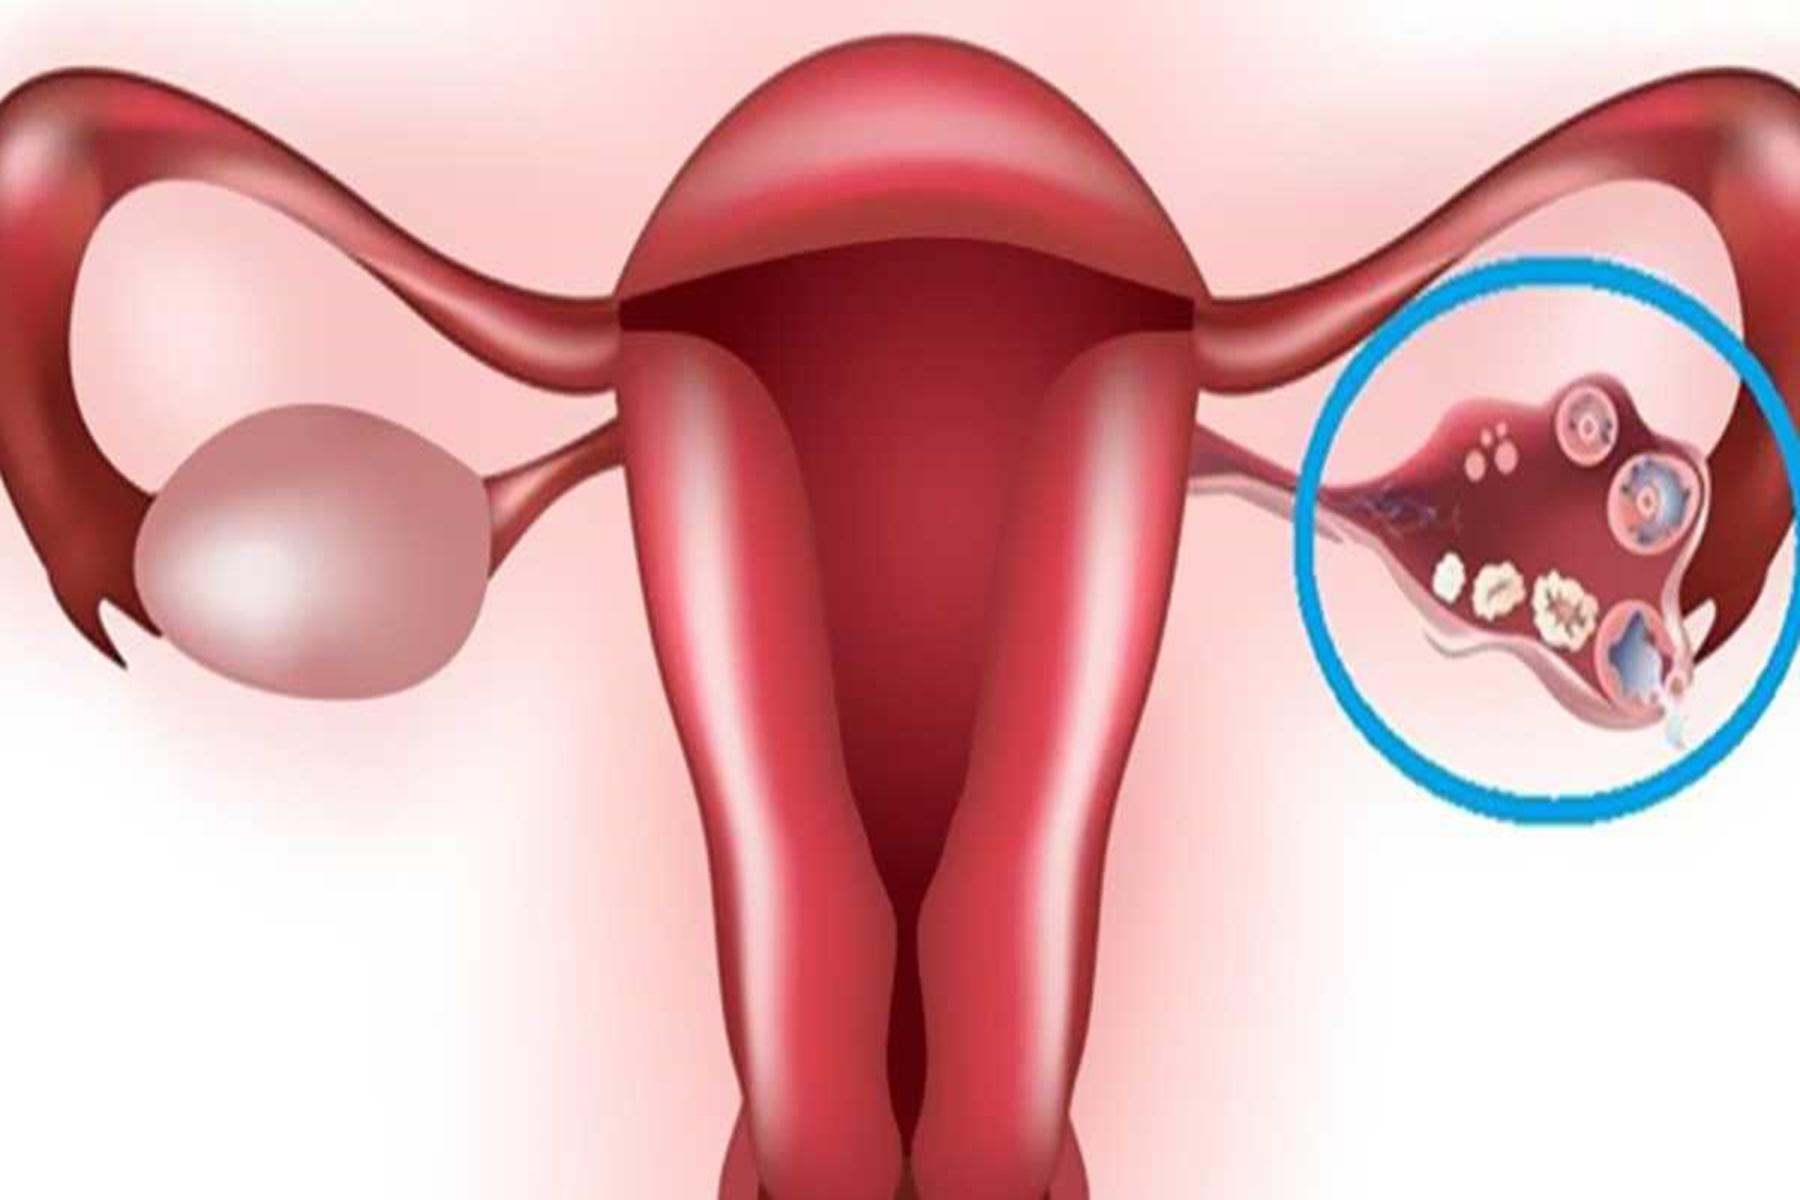 Κύστες στην ωοθήκη : Συμβουλές για να θεραπευτείτε από το σπίτι